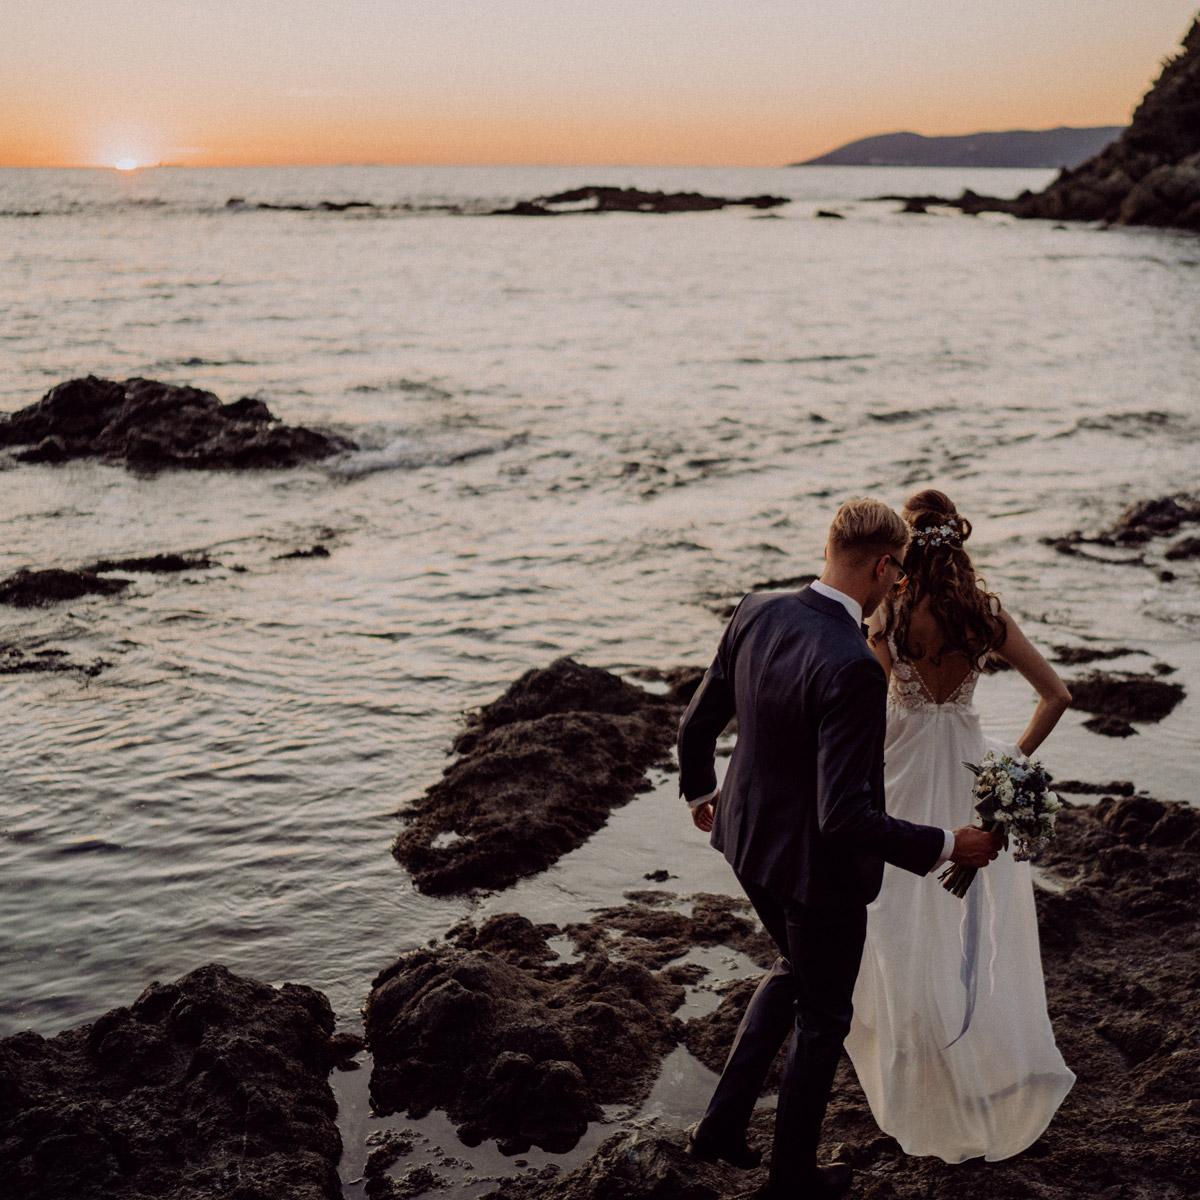 Fotoshooting Hochzeit am Meer - Italien Hochzeit mit Hochzeitplanerin aus Berlin #hochzeitslicht Toskana Hochzeitsfotos und Hochzeitsfilm © www.hochzeitslicht.de